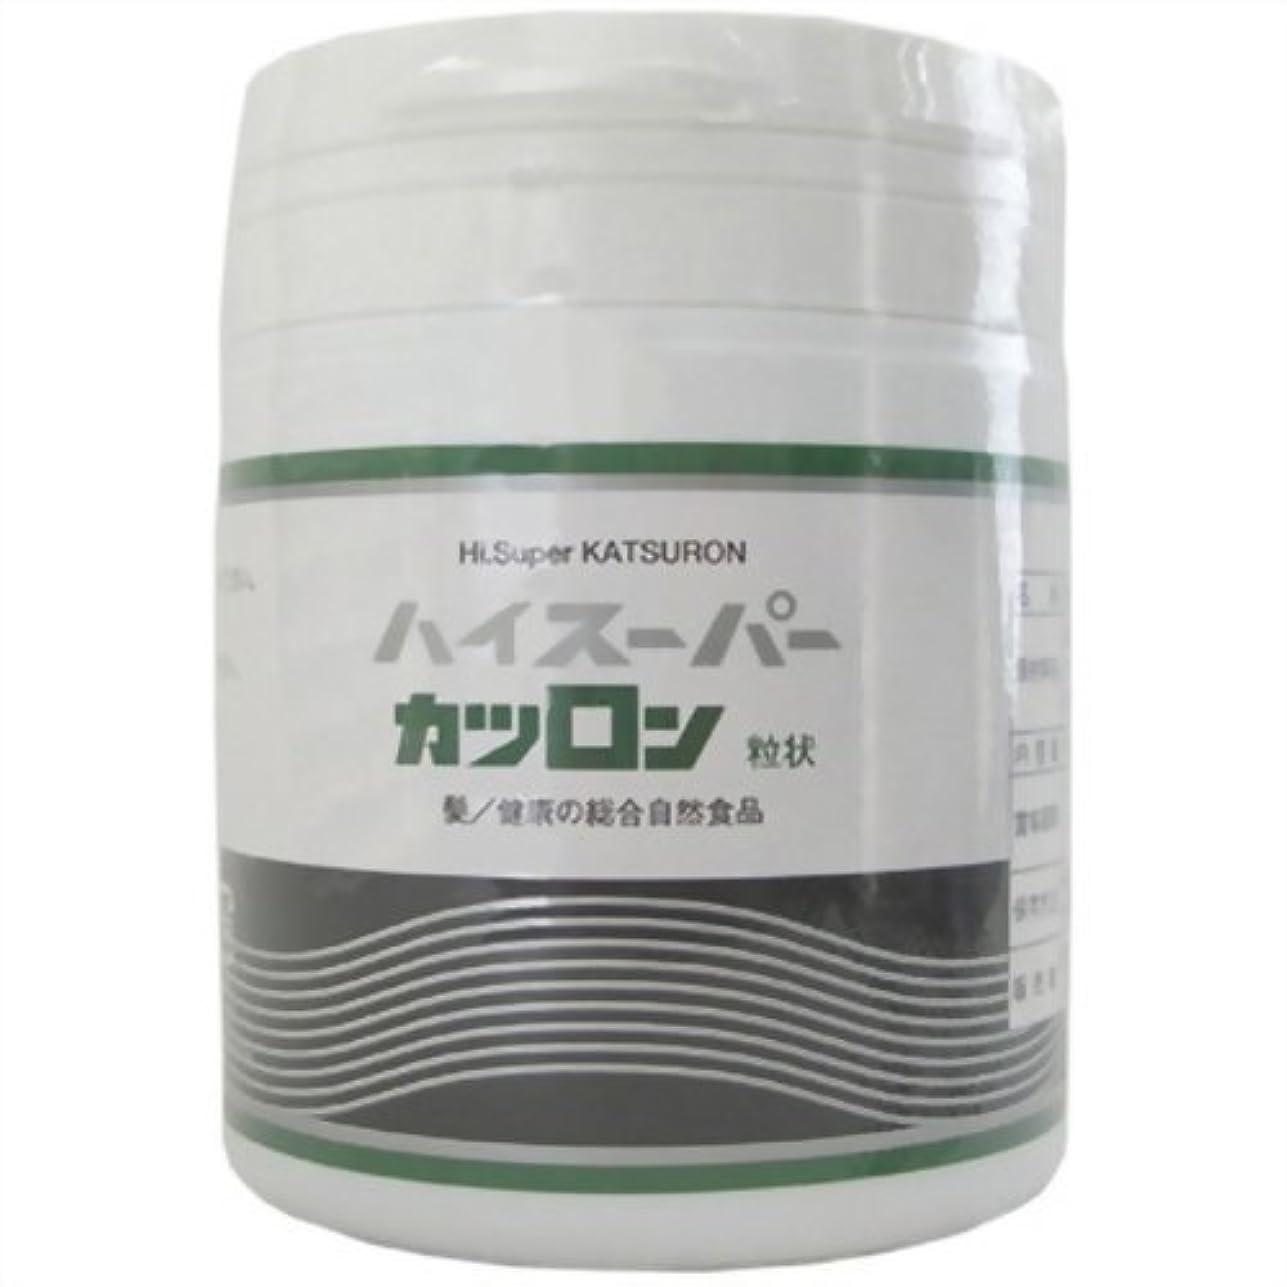 ジュニア手順腐敗したカツロン ハイスーパーカツロン(粒状) 150g